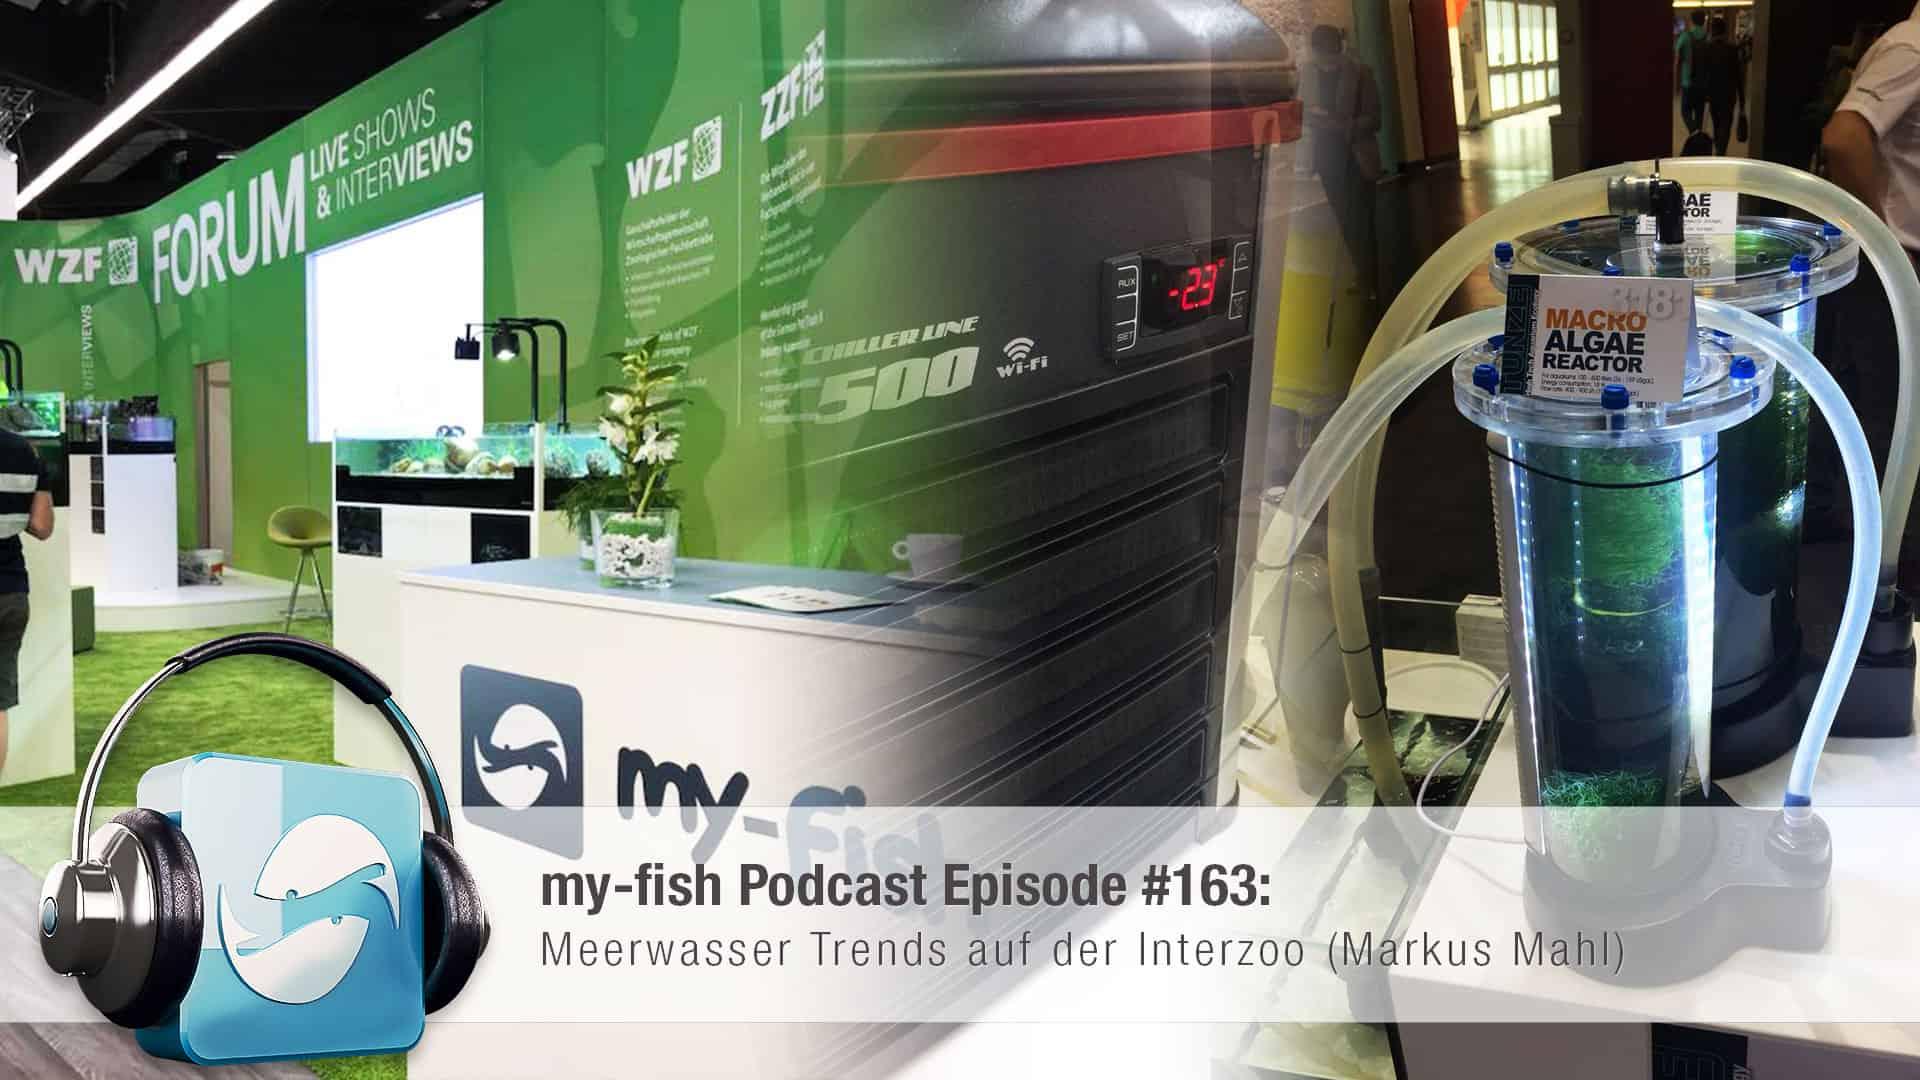 163 Meerwasser Trends auf der Interzoo (Markus Mahl) - my-fish